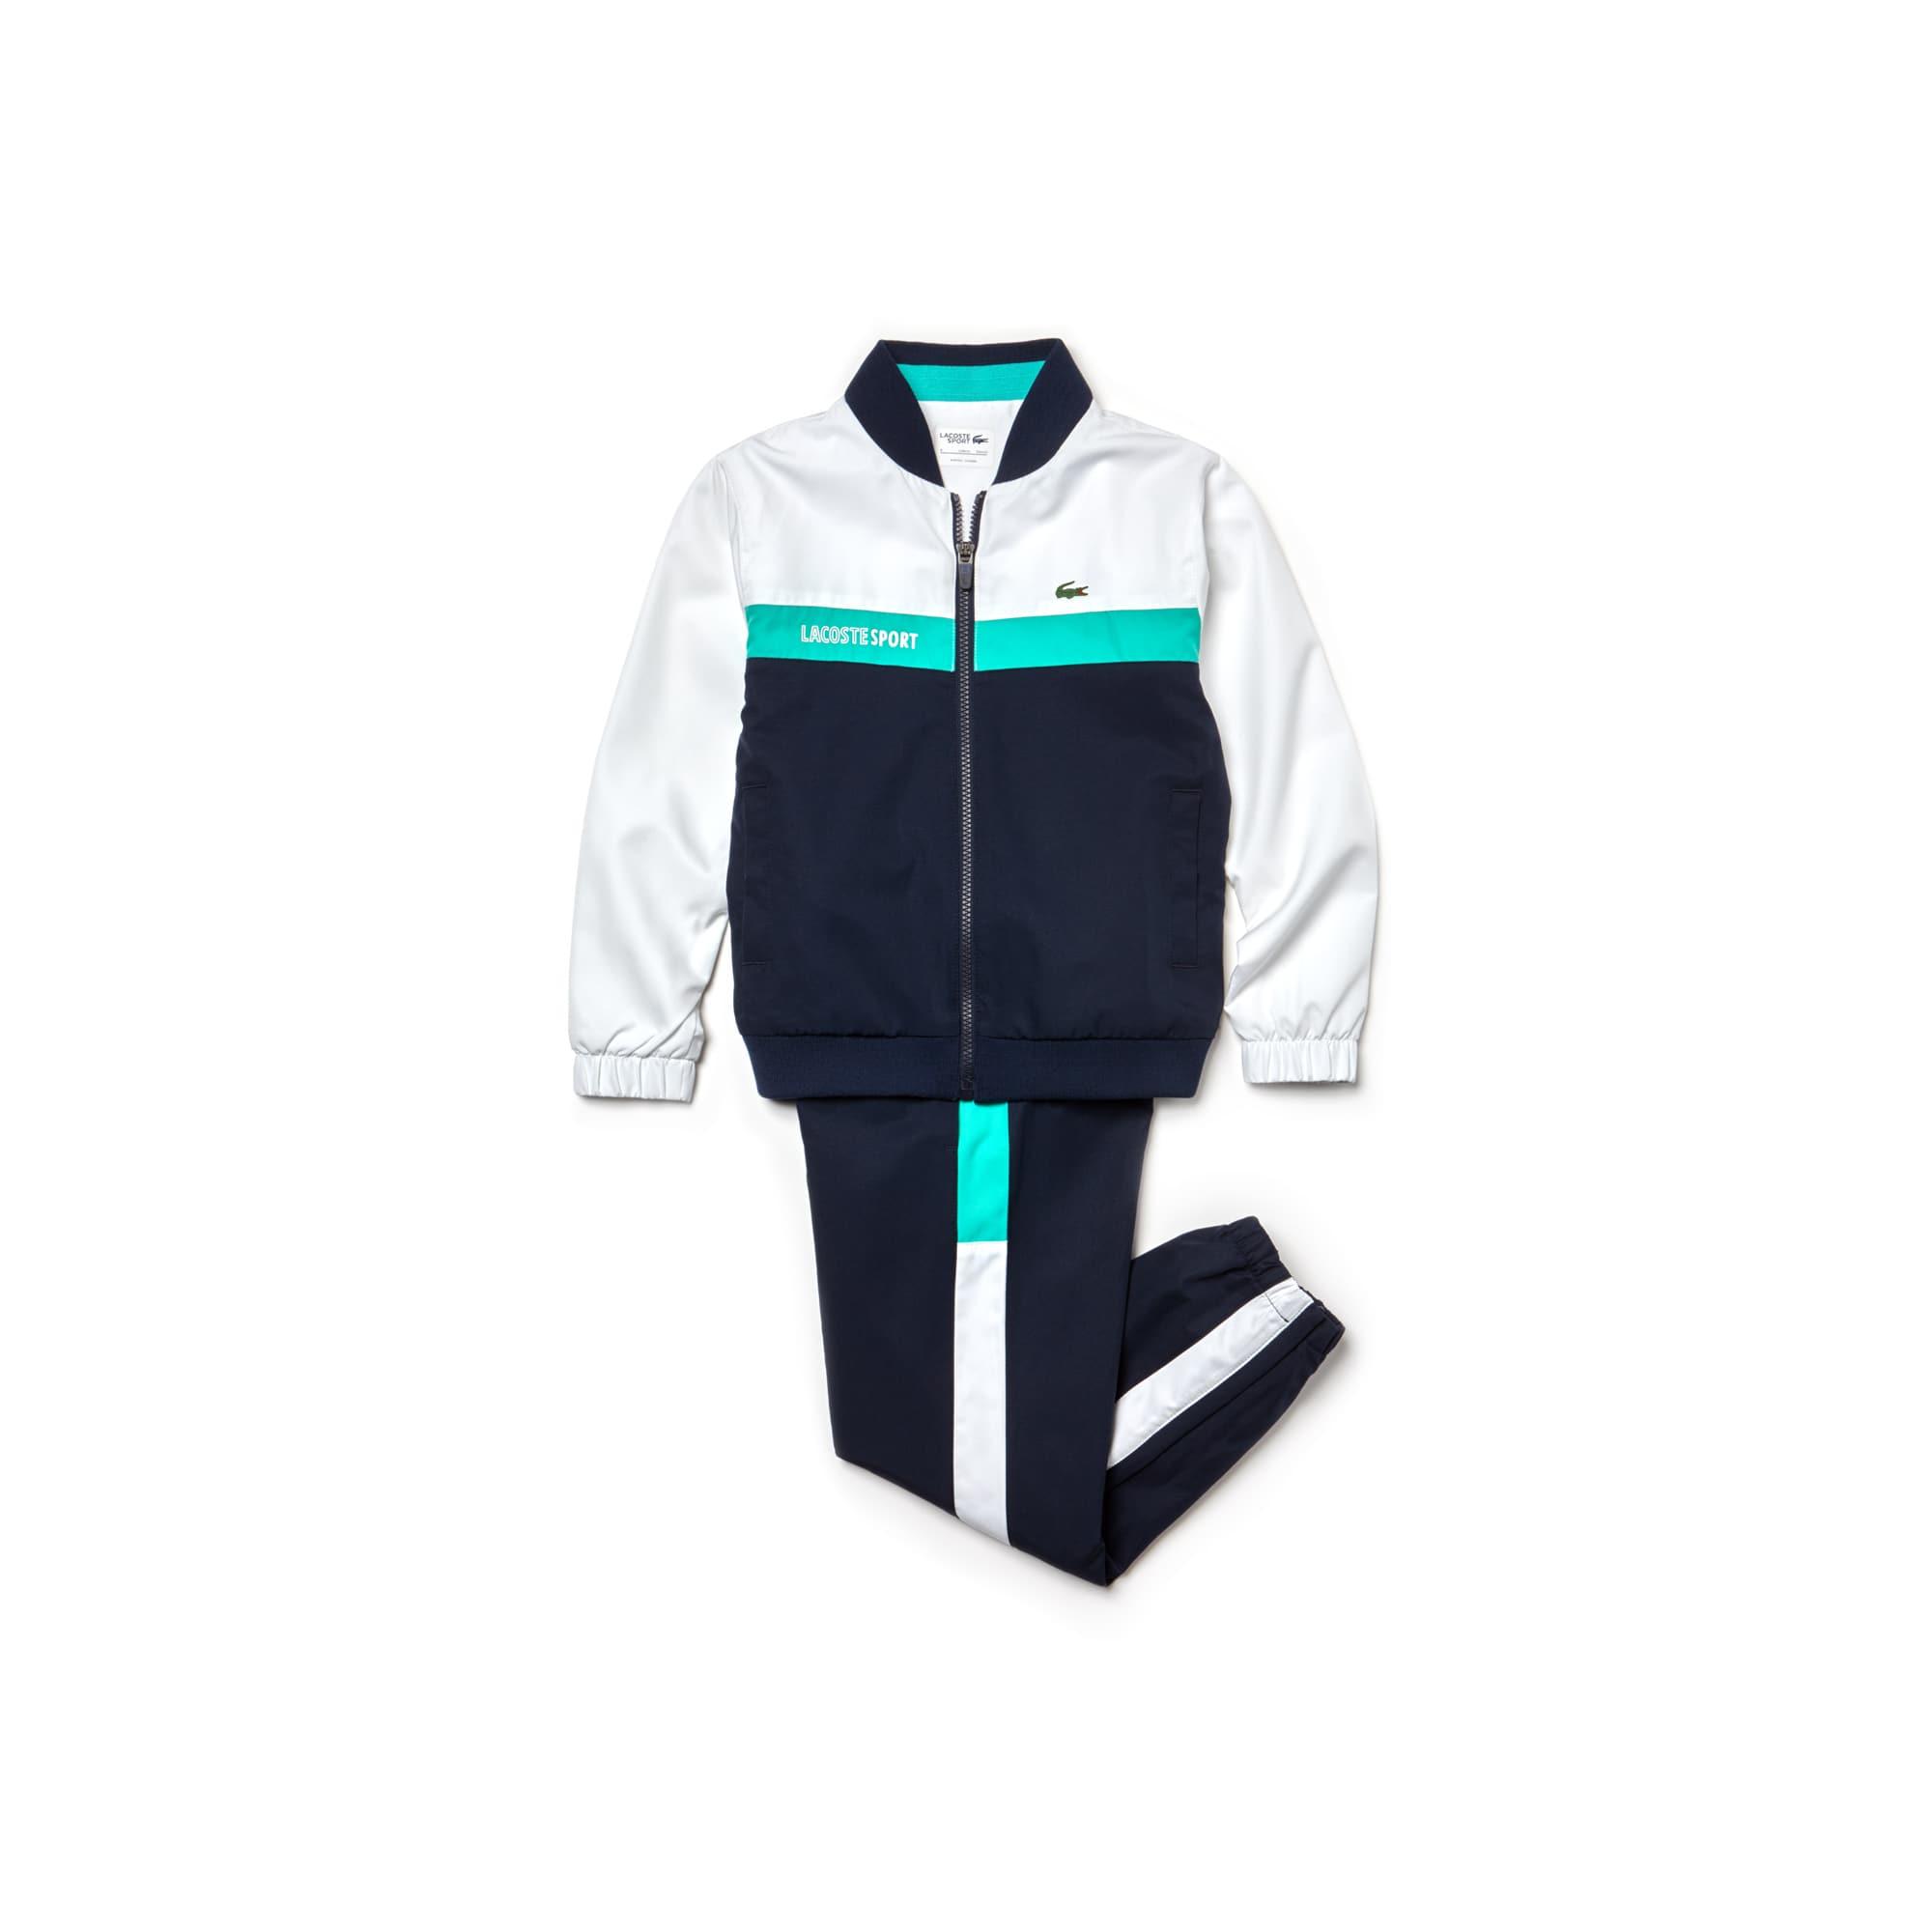 Artikel klicken und genauer betrachten! - Colorblock Streifen und Kontrast-Einsätze schmücken diesen glänzenden Taft-Trainingsanzug. Von der Bomber-Jacke inspiriert, mit LACOSTE SPORT Schriftzug. | im Online Shop kaufen